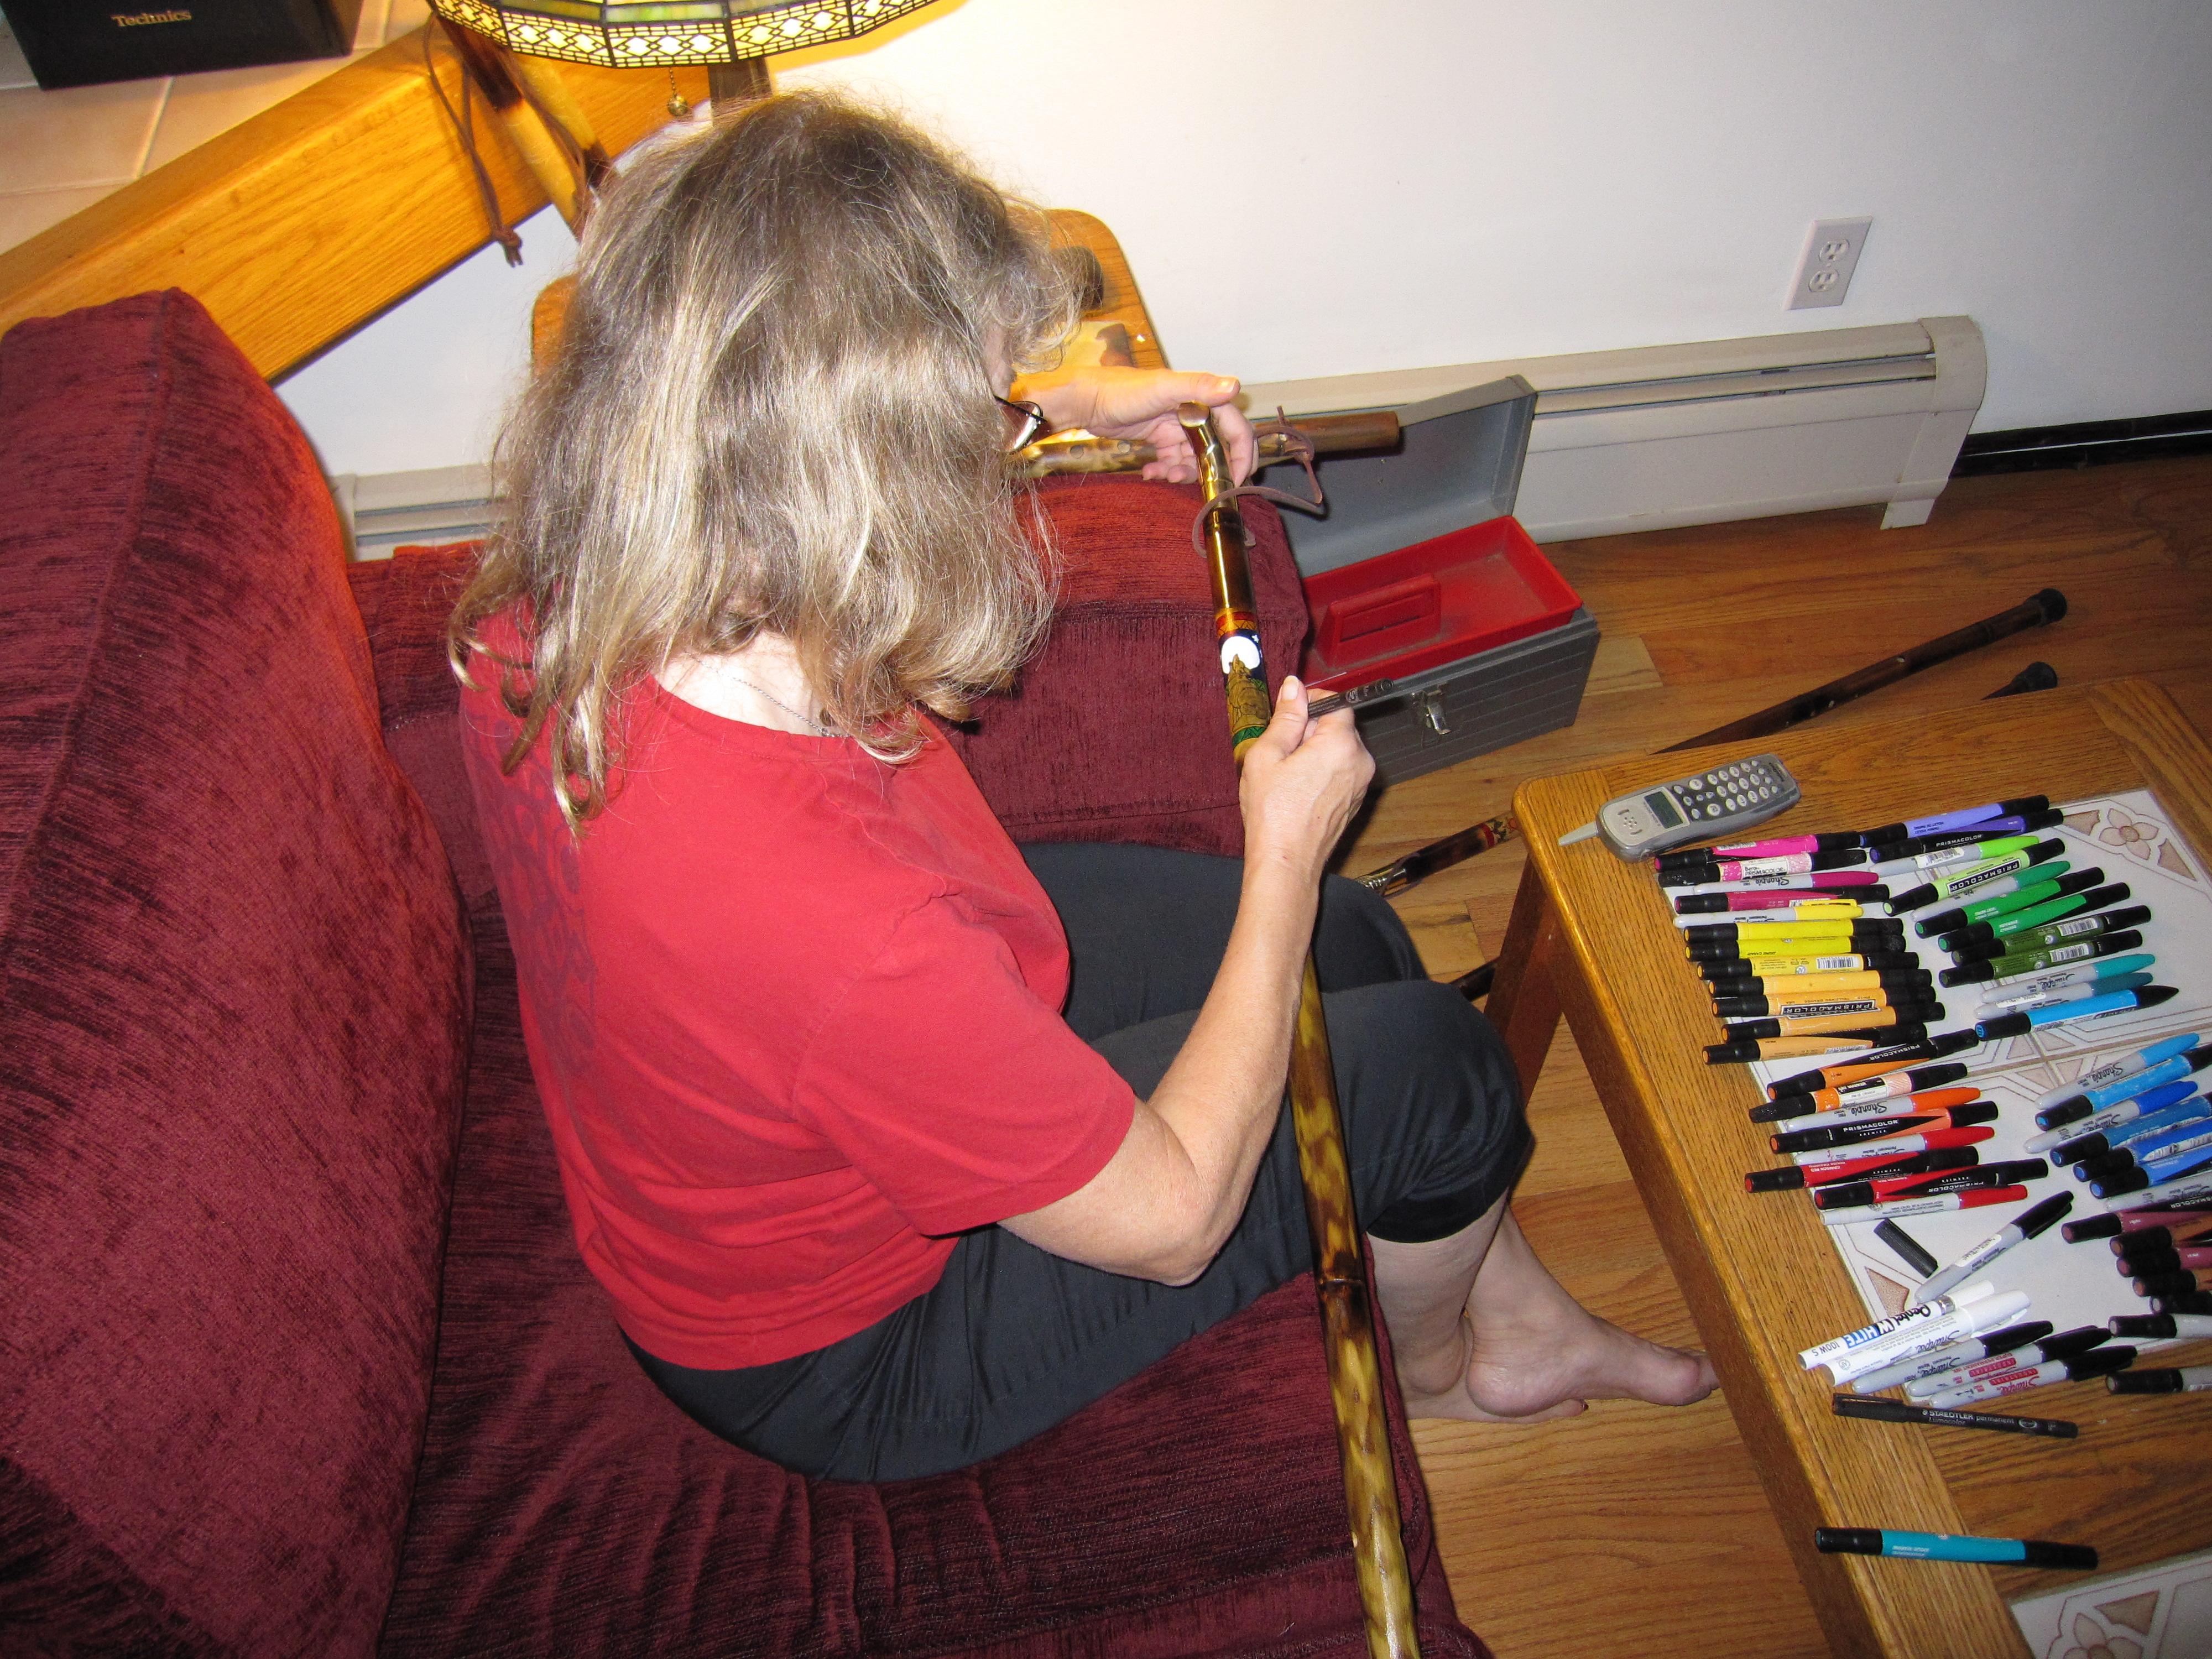 Linda Drawing on Walking Stick